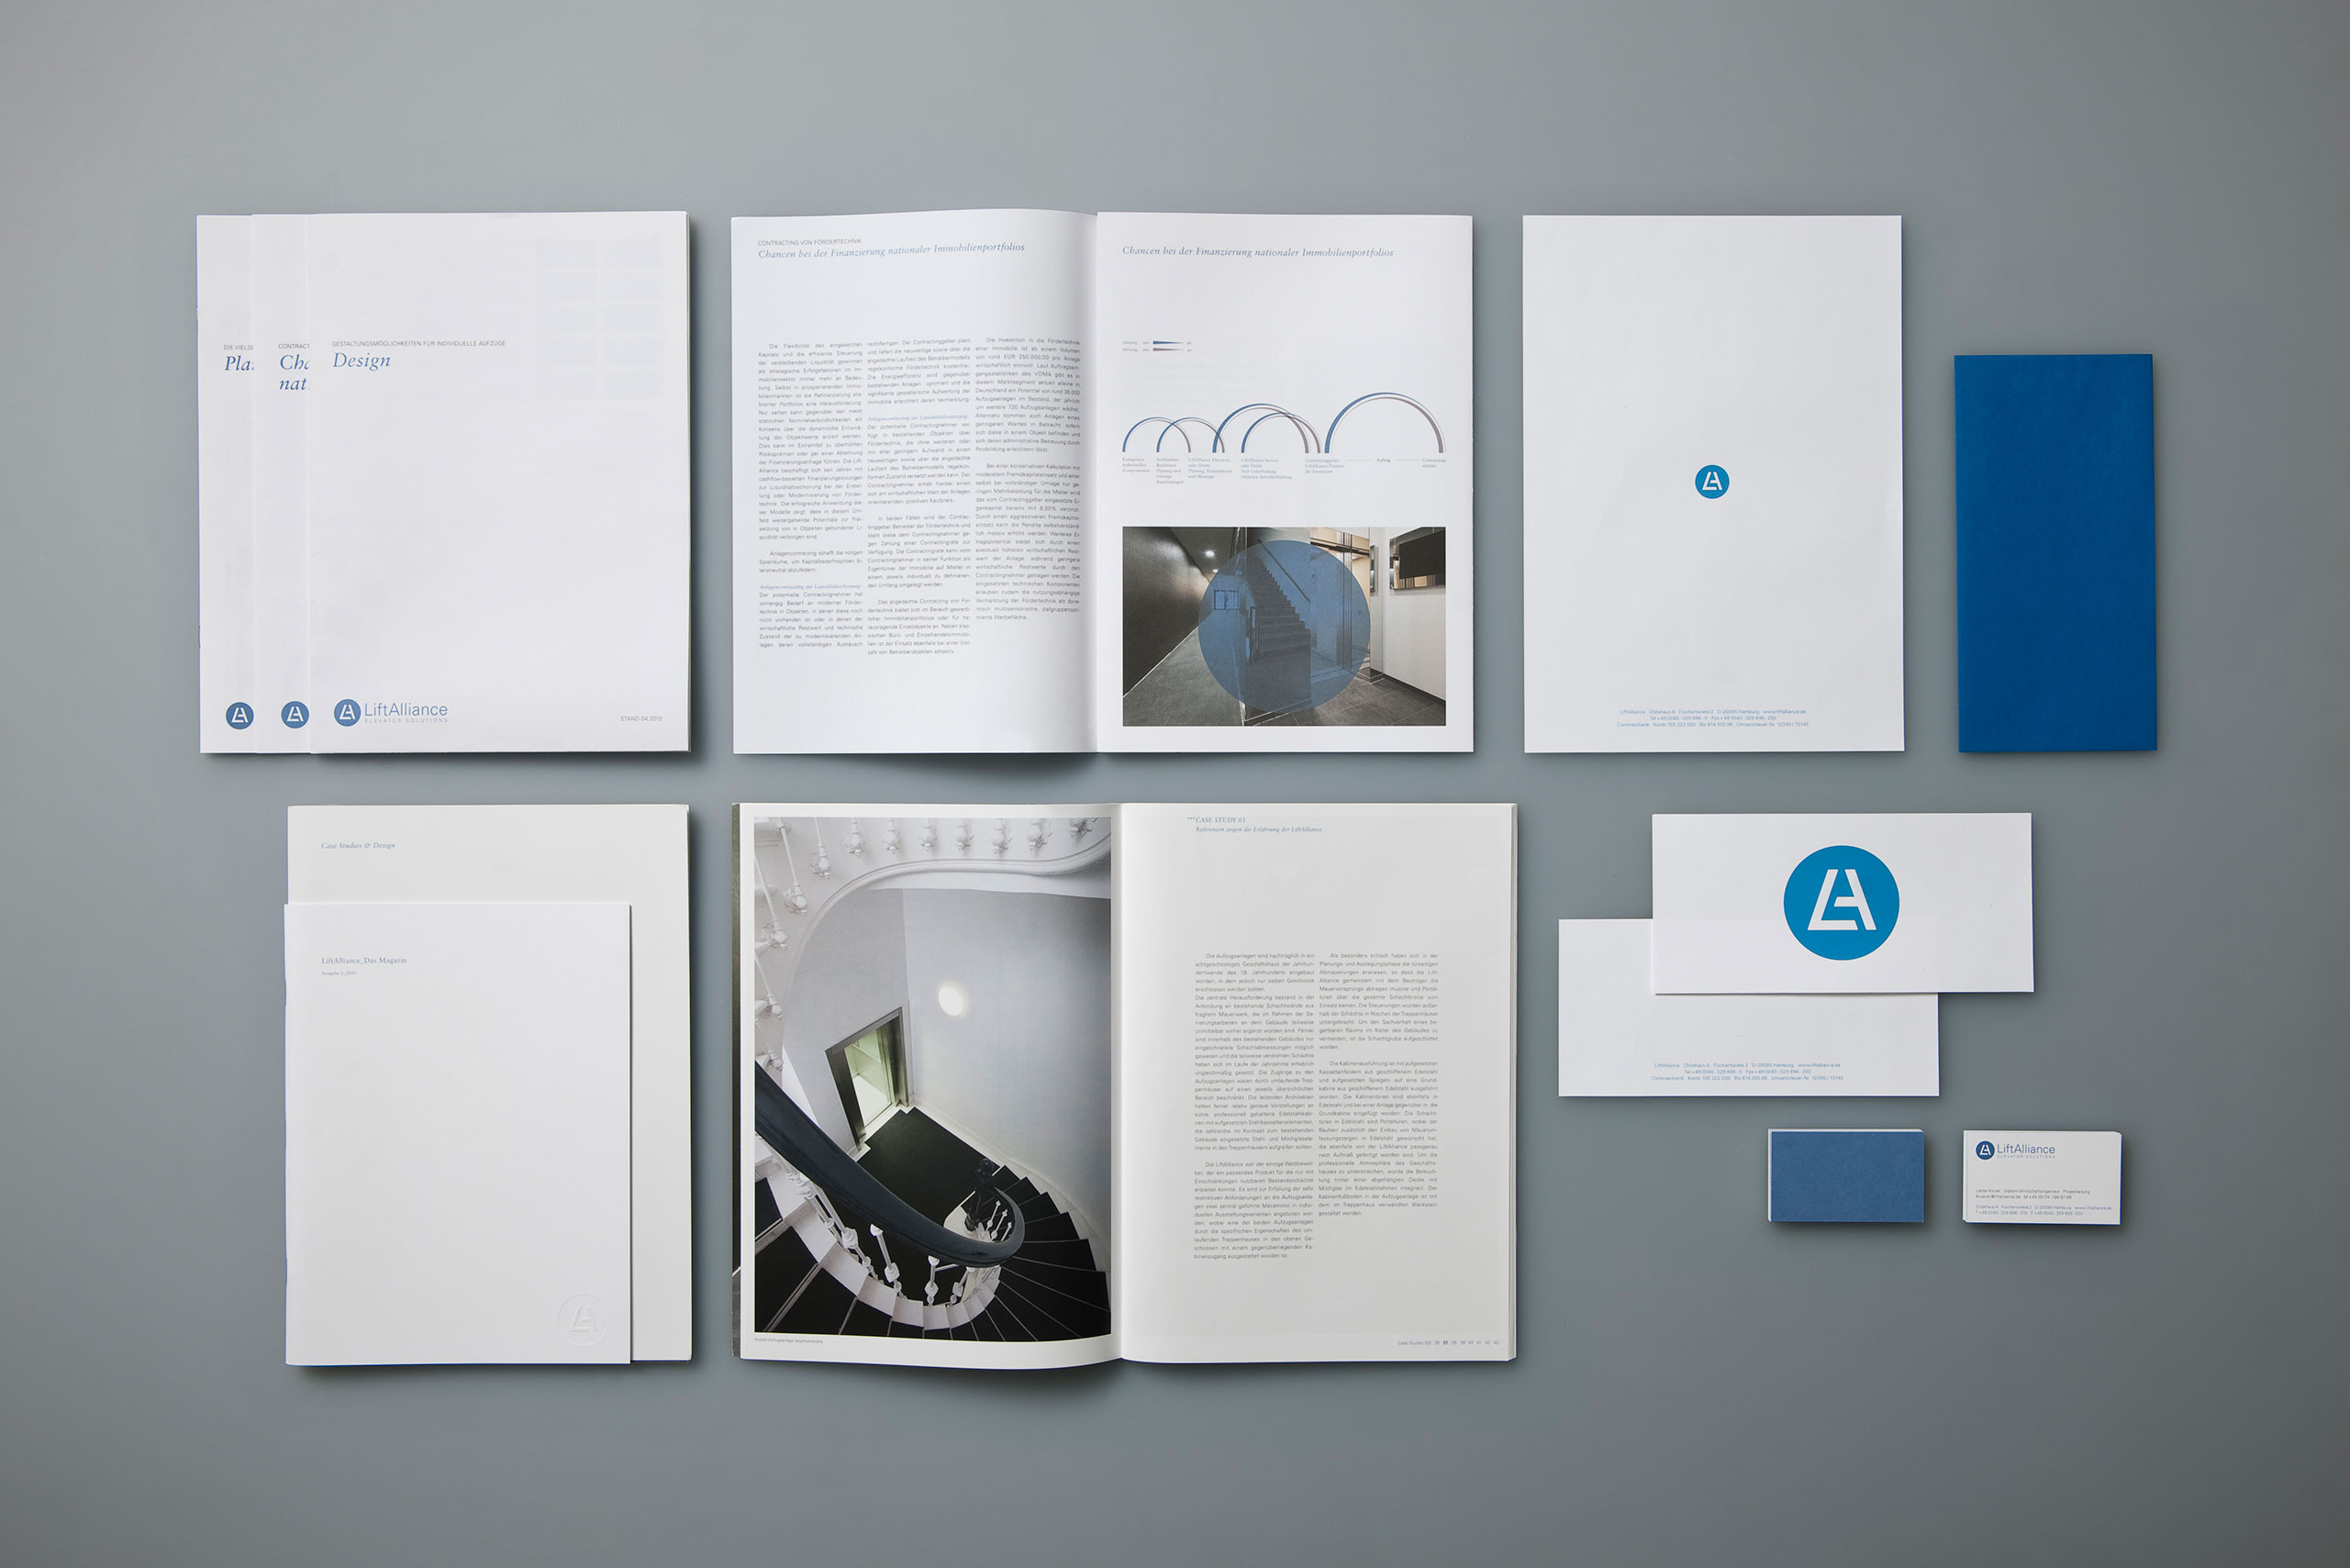 Aufzugshersteller, Infografik, Broschüre, Flyer, Geschäftsausstattung, Complimentslip, Briefbogen, Briefpapier, Visitenkarte, Einleger